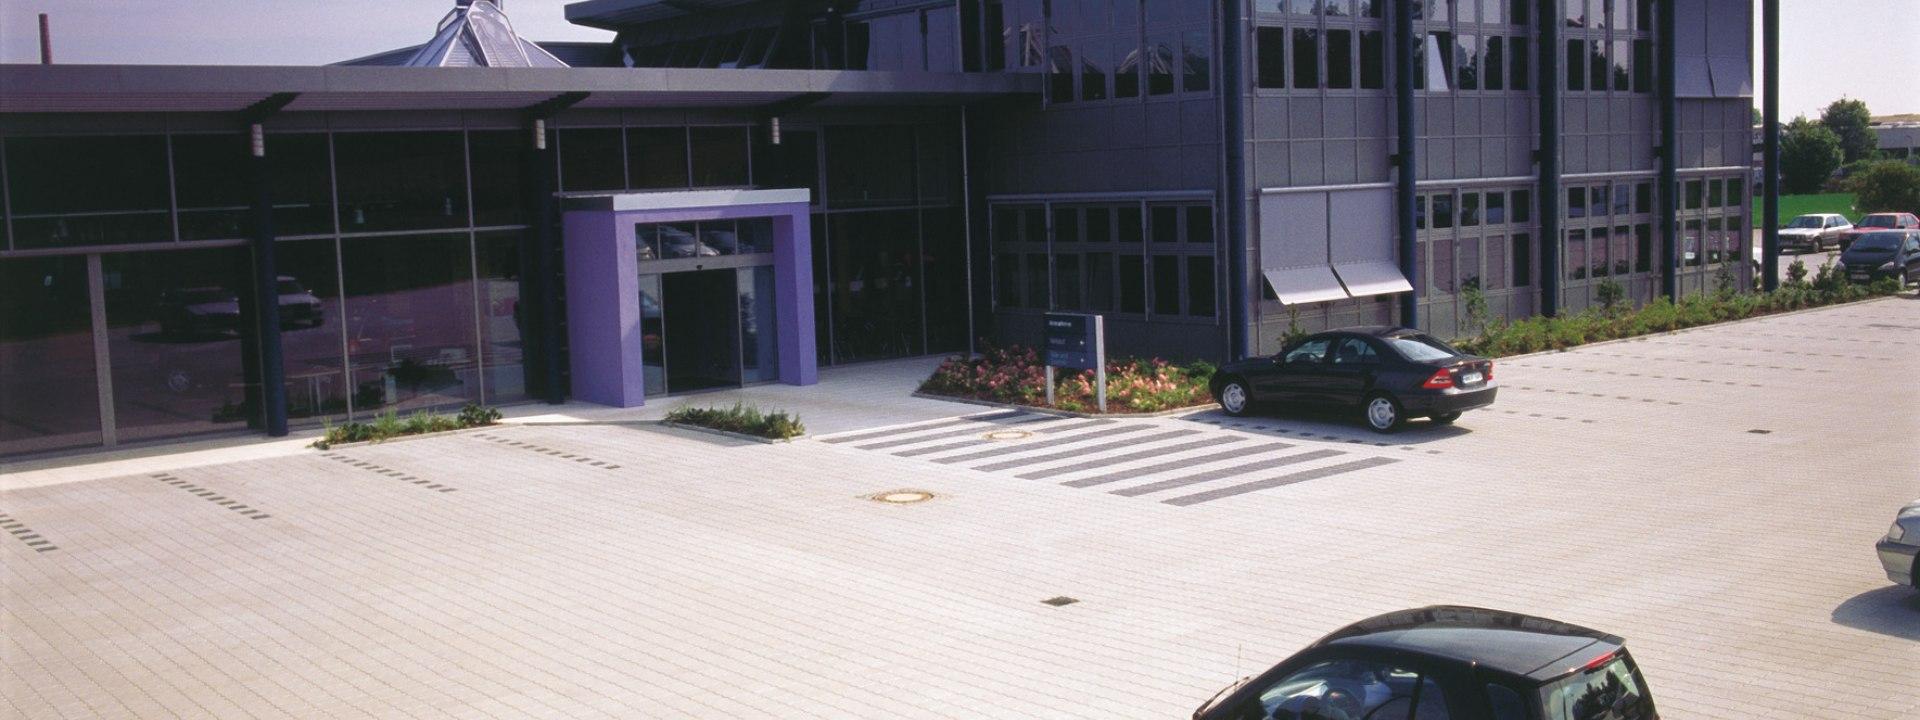 Pflasterstein GOWITEC von GODELMANN. Gepflasterte Parklplaetze und Einfahrt vor Gebauede mit geparkten Autos und bepflanzten Rindenmulchbeeten und Jealosie und lila gestrichener Eingang